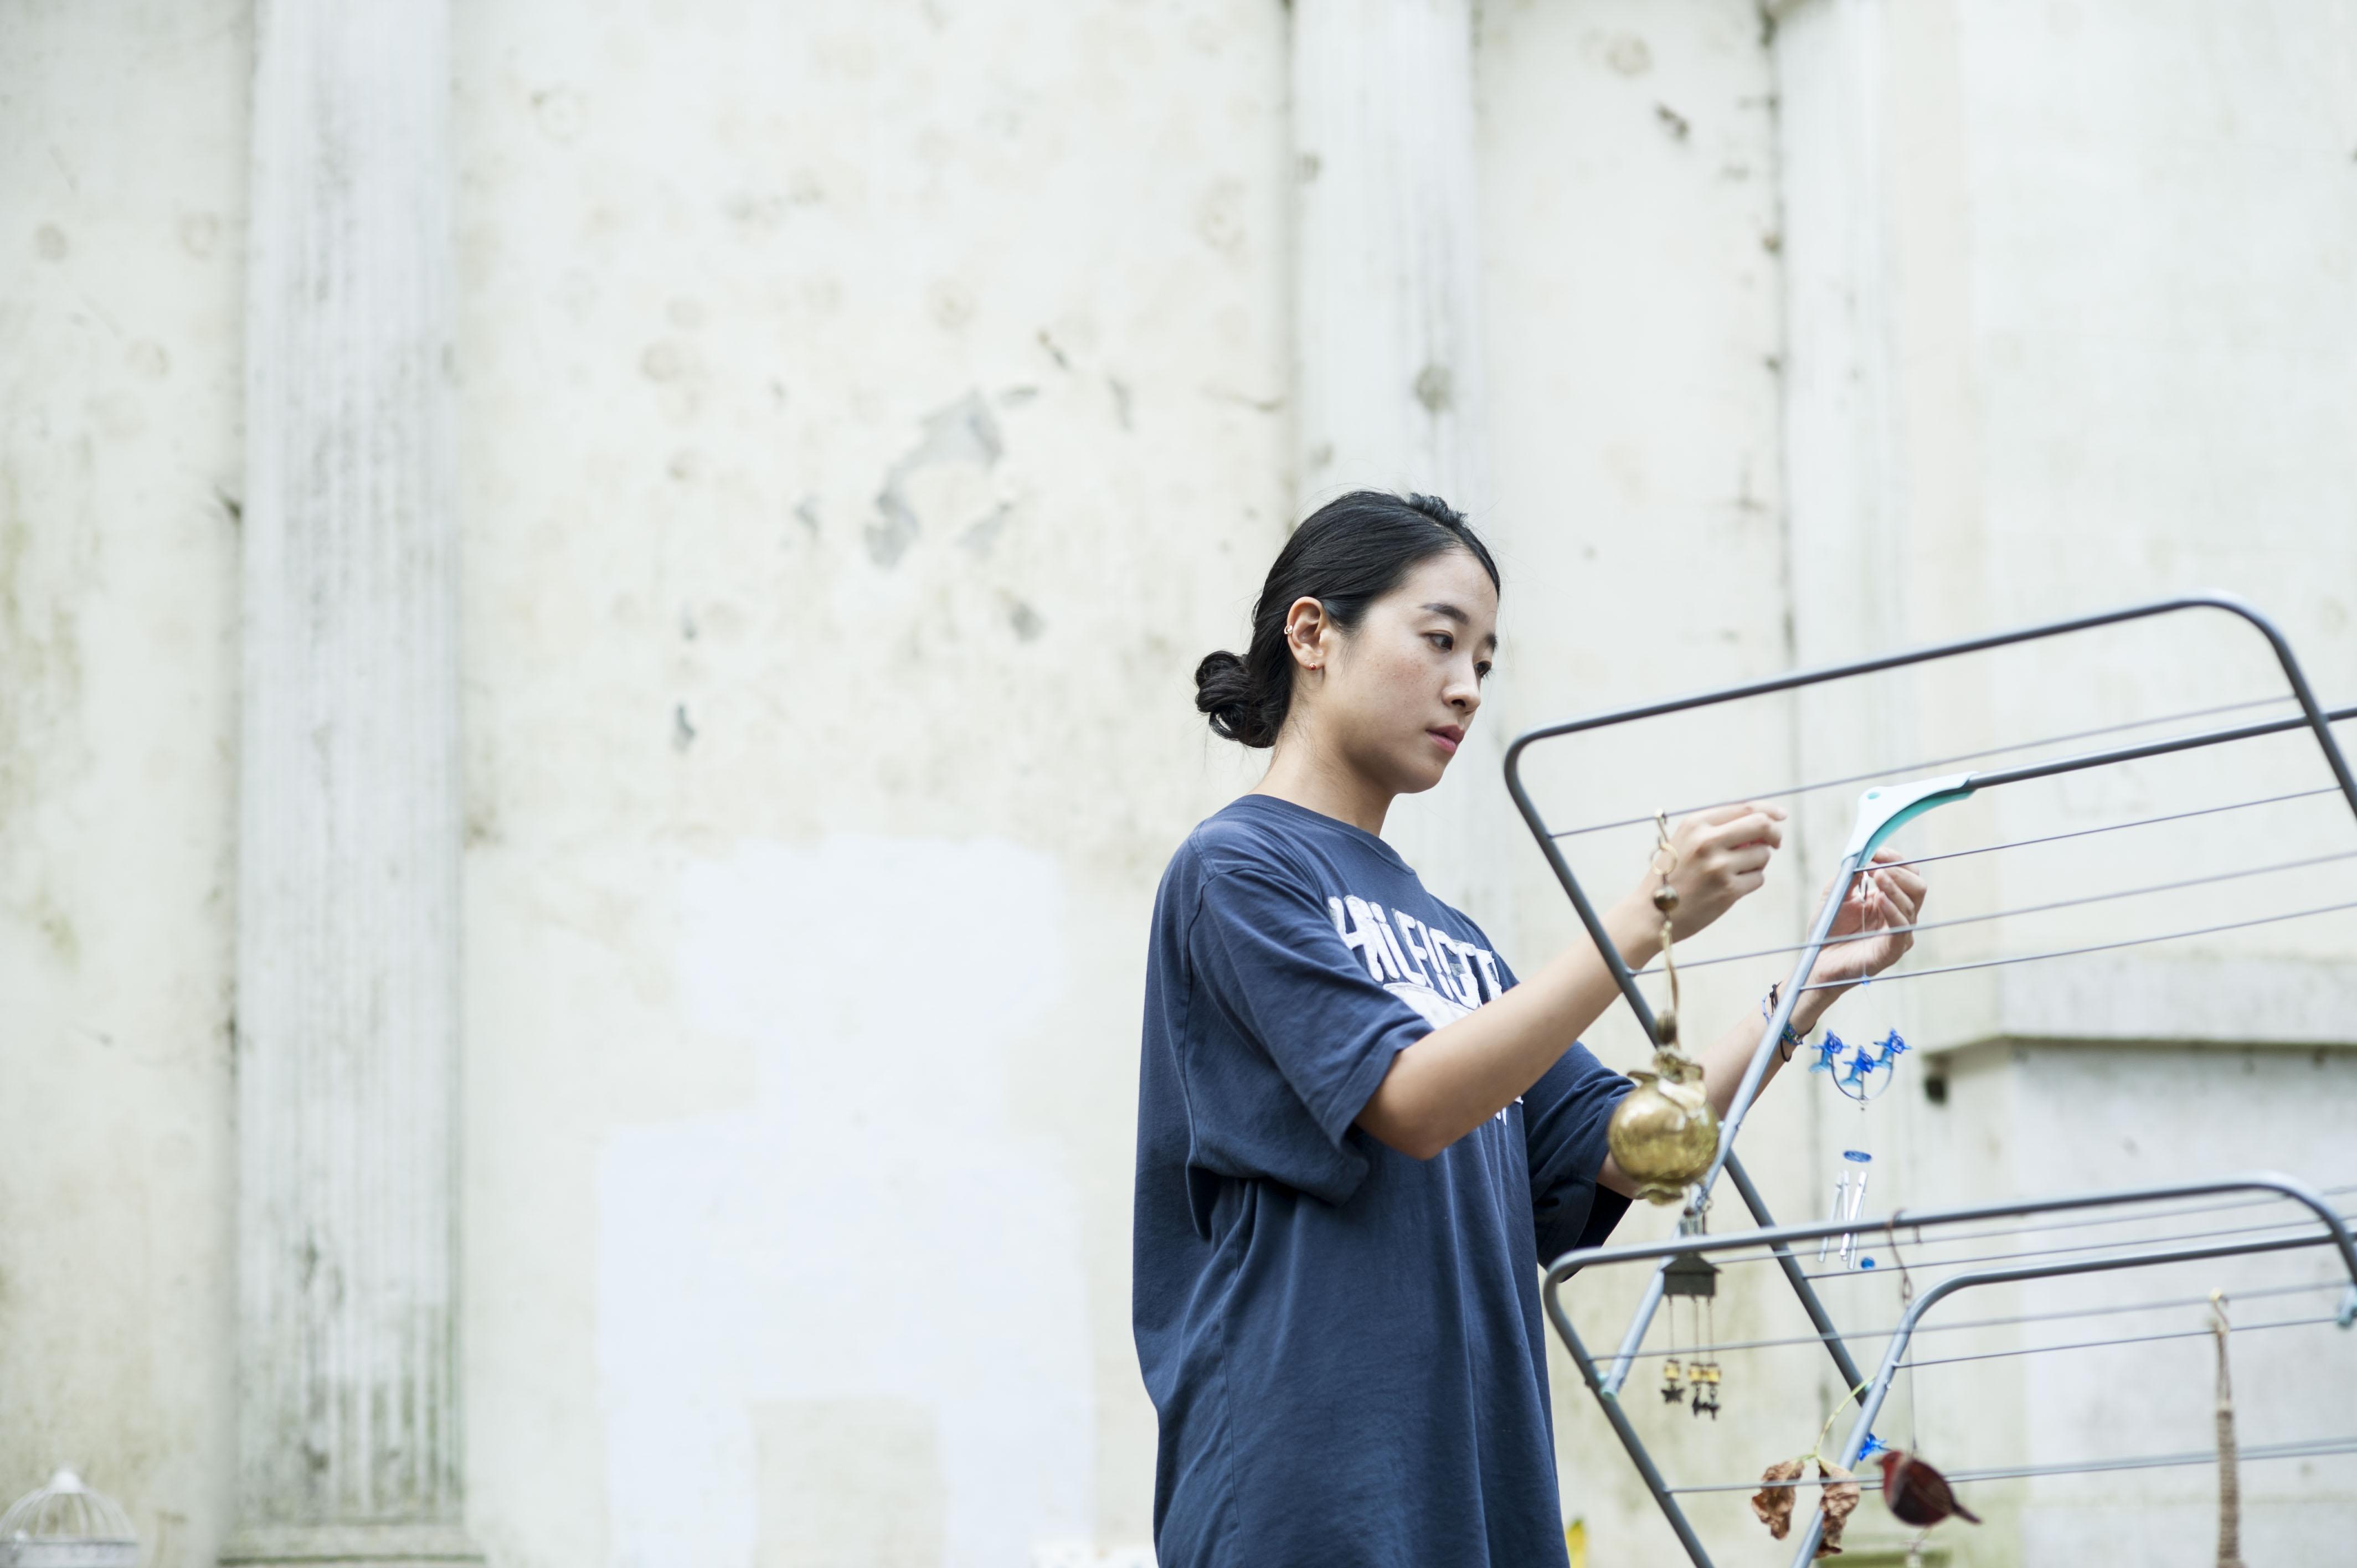 Nayoung Kang - photo by Caroline Gervay